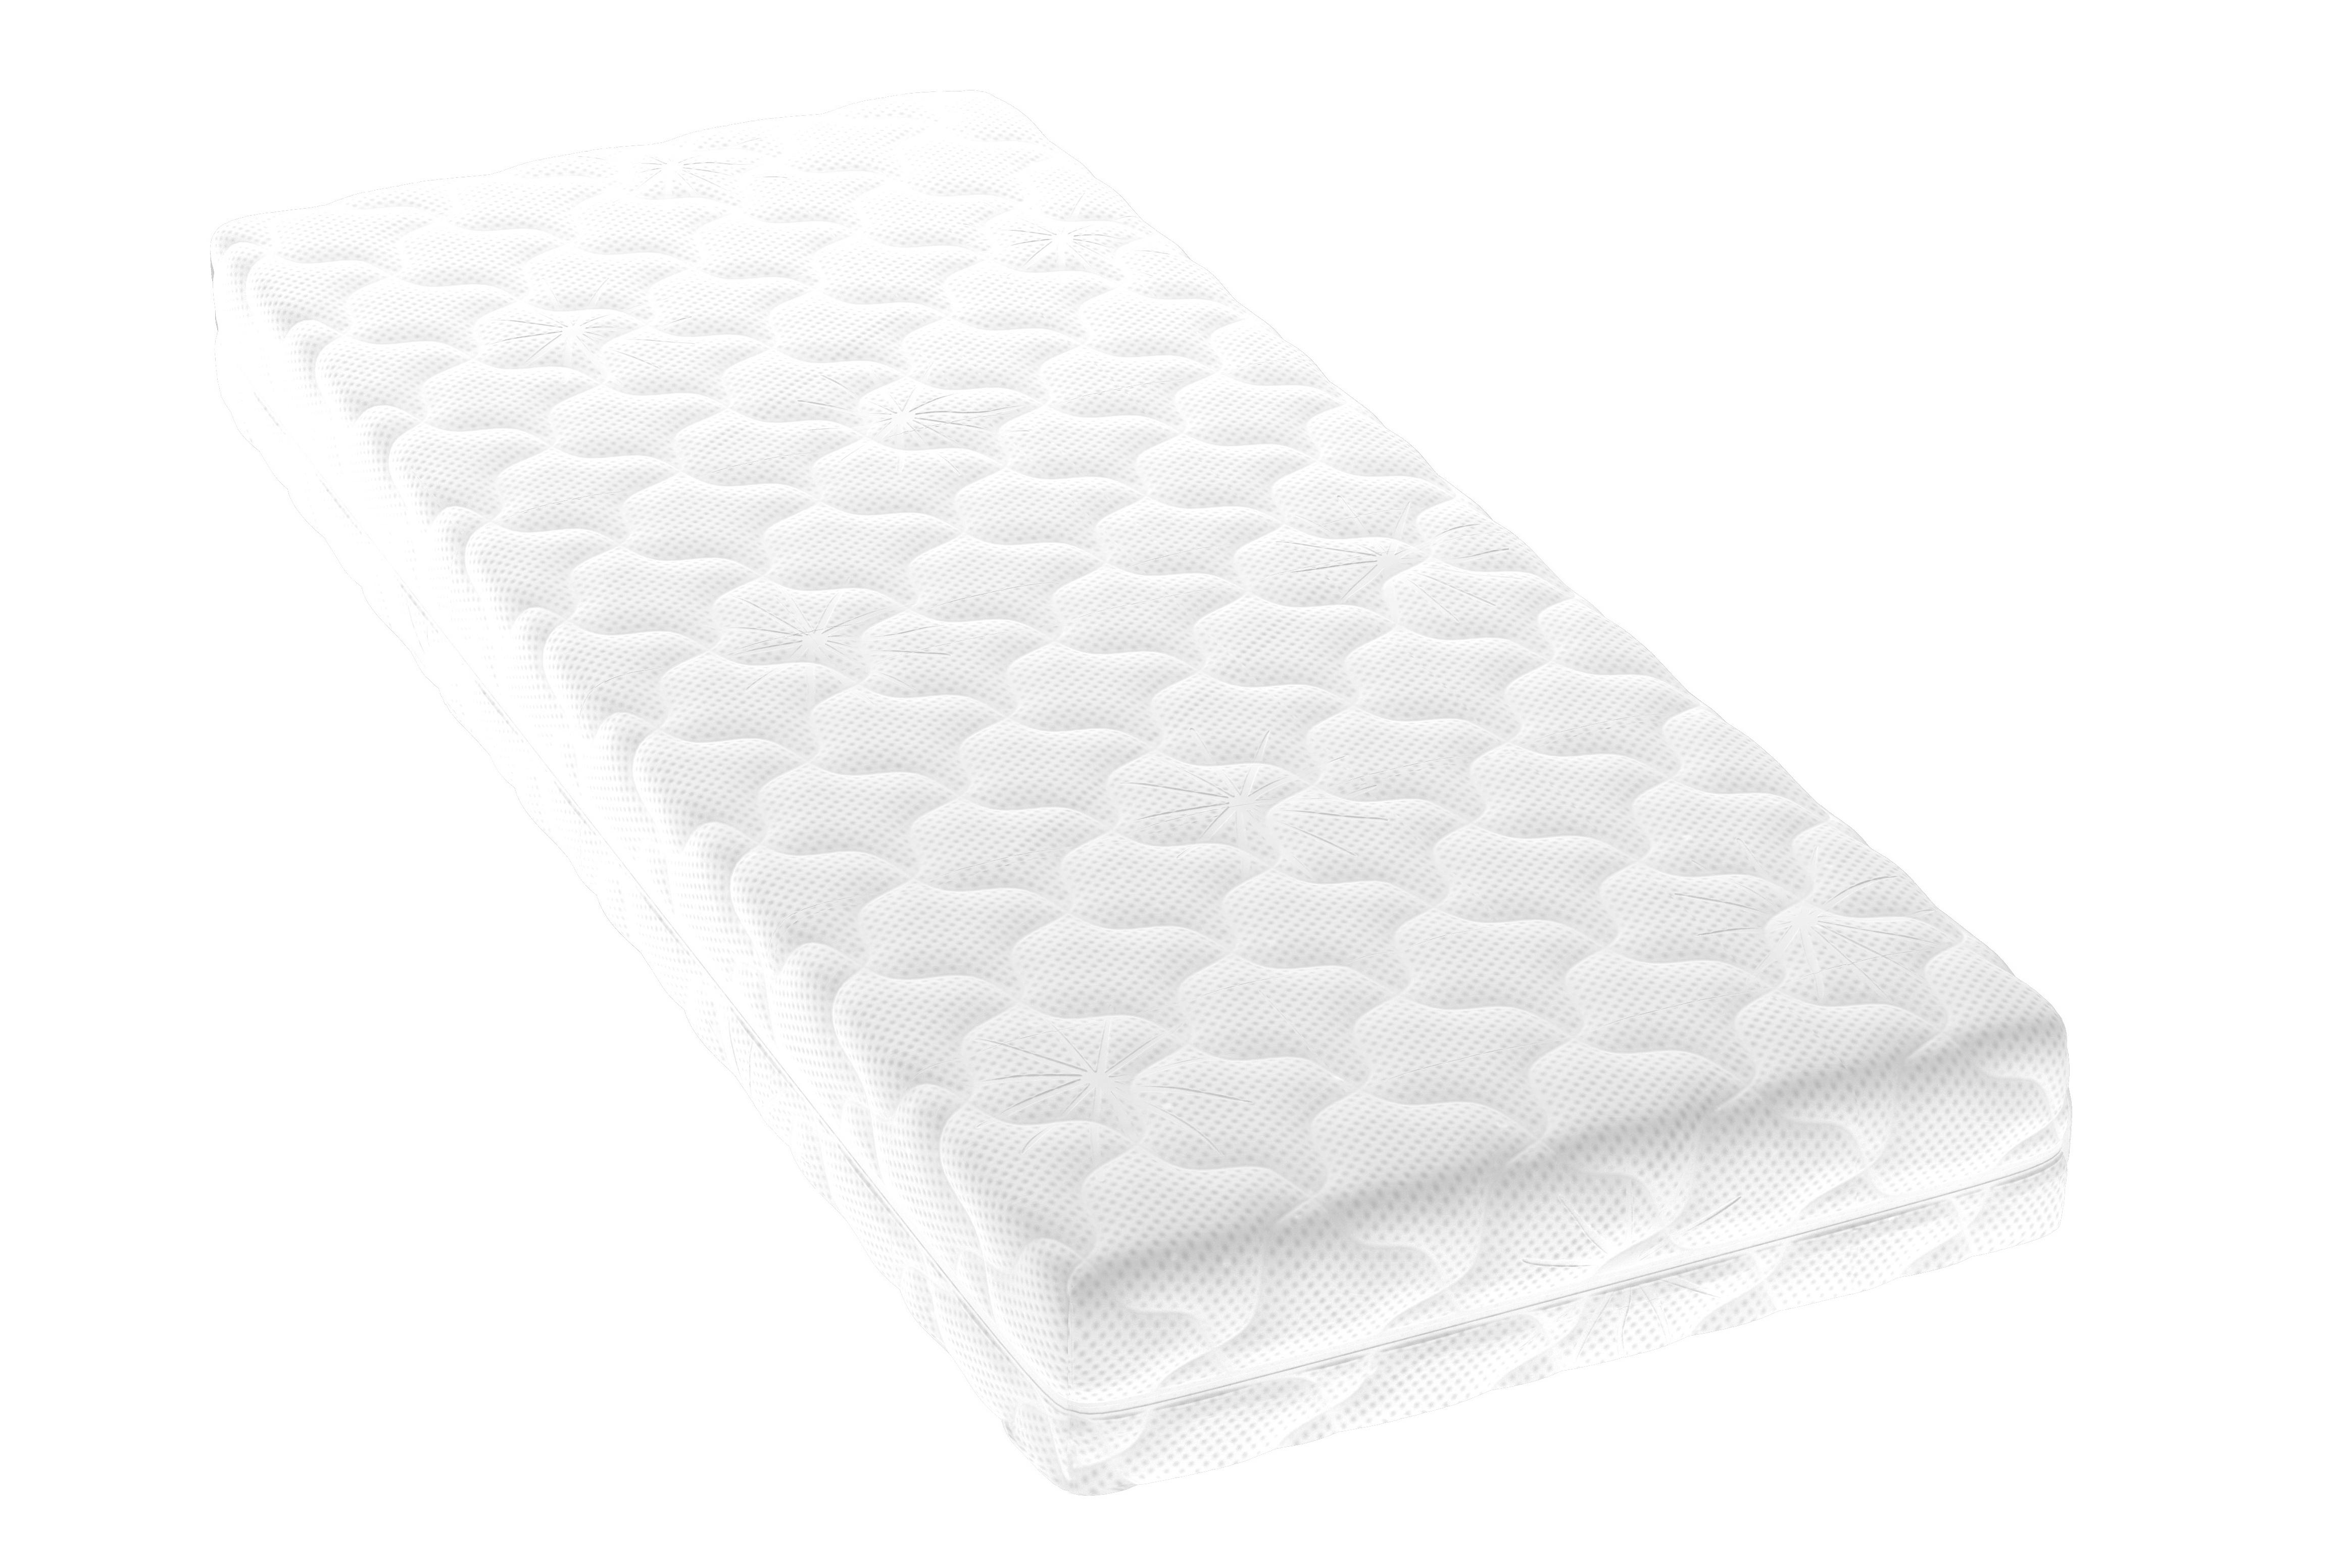 Матрас Tempo 195x90Беспружинные односпальные матрасы<br>Матрас из современного эластичного материала Smartflex Soft. Материал мягок и приятен на ощупь, гипоаллергенен, благодаря своей пористой структуре хорошо вентилируется.&amp;amp;nbsp;&amp;lt;div&amp;gt;&amp;lt;br&amp;gt;&amp;lt;/div&amp;gt;&amp;lt;div&amp;gt;Компактная упаковка в виде рулона и небольшой вес облегчают транспортировку матраса, делая его идеальным для быстрого обустройства спального места. Чехол из практичной трикотажной ткани Jersey, делающей его простым в уходе. Ткань чехла мягкая и эластичная на ощупь, имеет приятную фактуру, не сминается, устойчива к пятнам, не способствует размножению бактерий и пылевых клещей.&amp;amp;nbsp;&amp;lt;/div&amp;gt;&amp;lt;div&amp;gt;Матрас Tempo – для тех, кто привык жить в быстром темпе!&amp;lt;/div&amp;gt;<br><br>Material: Текстиль<br>Width см: 90<br>Depth см: 195<br>Height см: 17<br>Diameter см: None